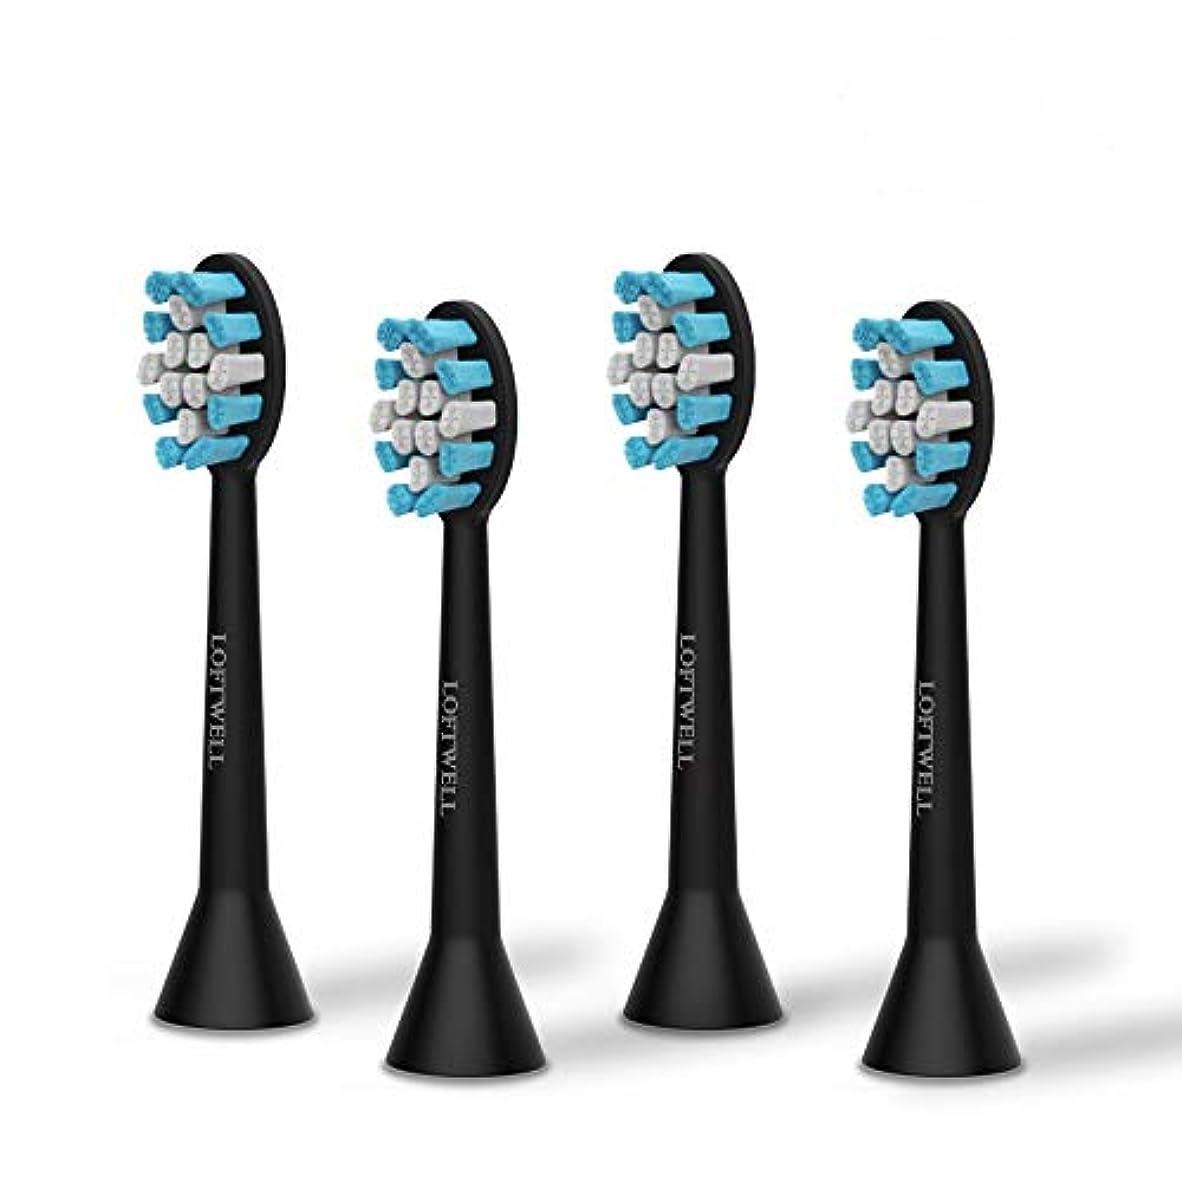 最大限農業ショートloftwell 電動歯ブラシD5とD9通用替えブラシ 替えブラシ 4本入れ